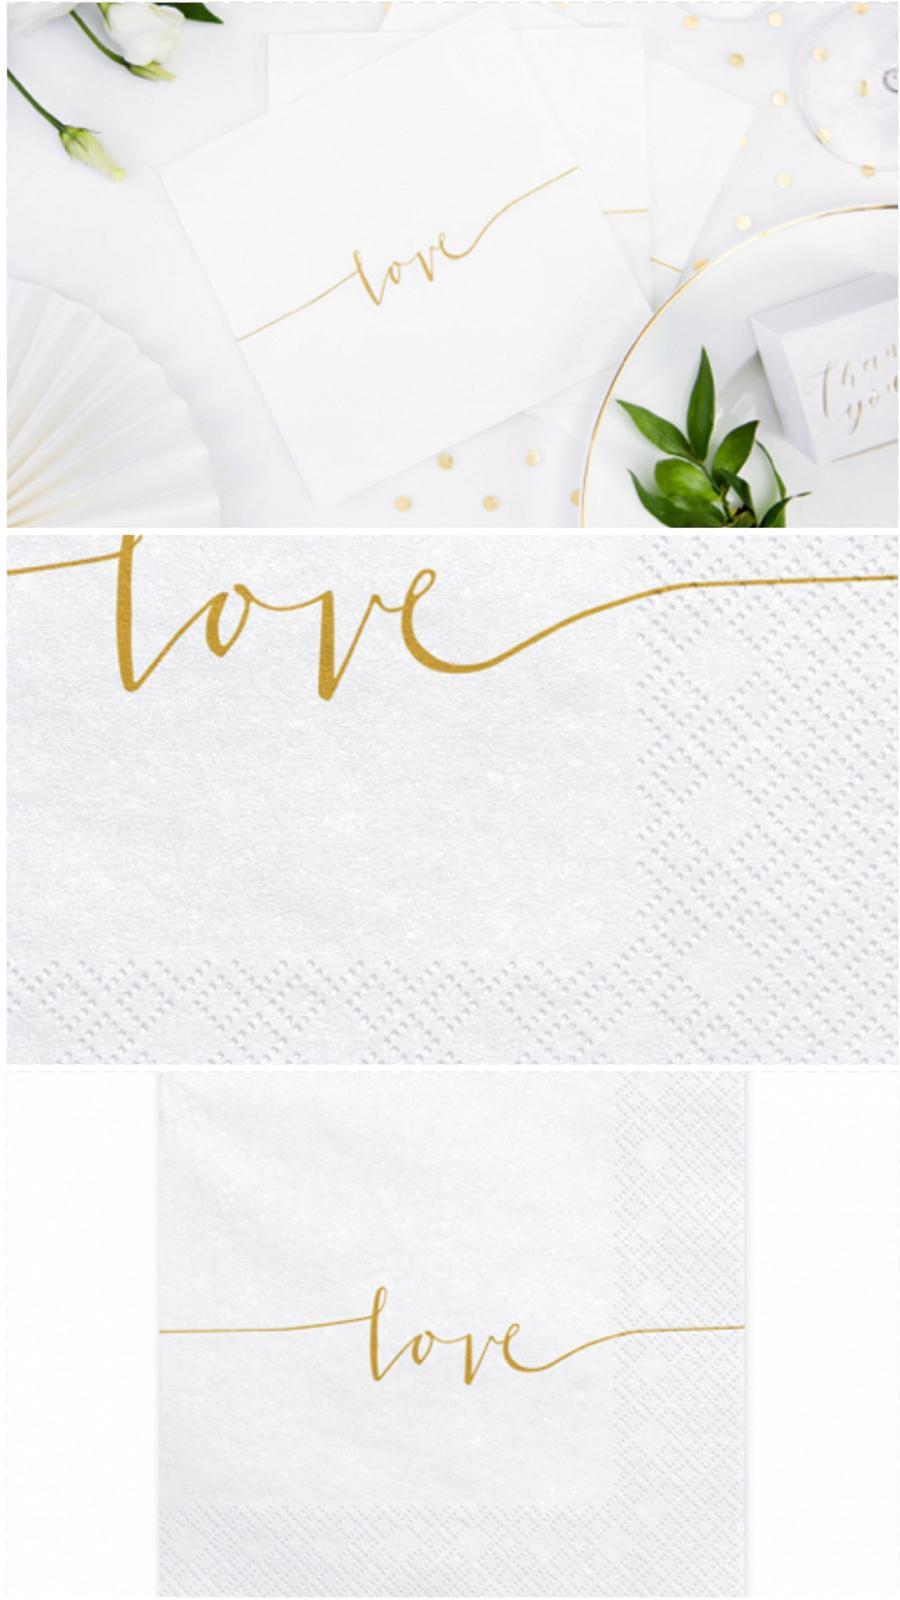 Svatební dekorace - DOPRAVNÉ ZDARMA! - Obrázek č. 65